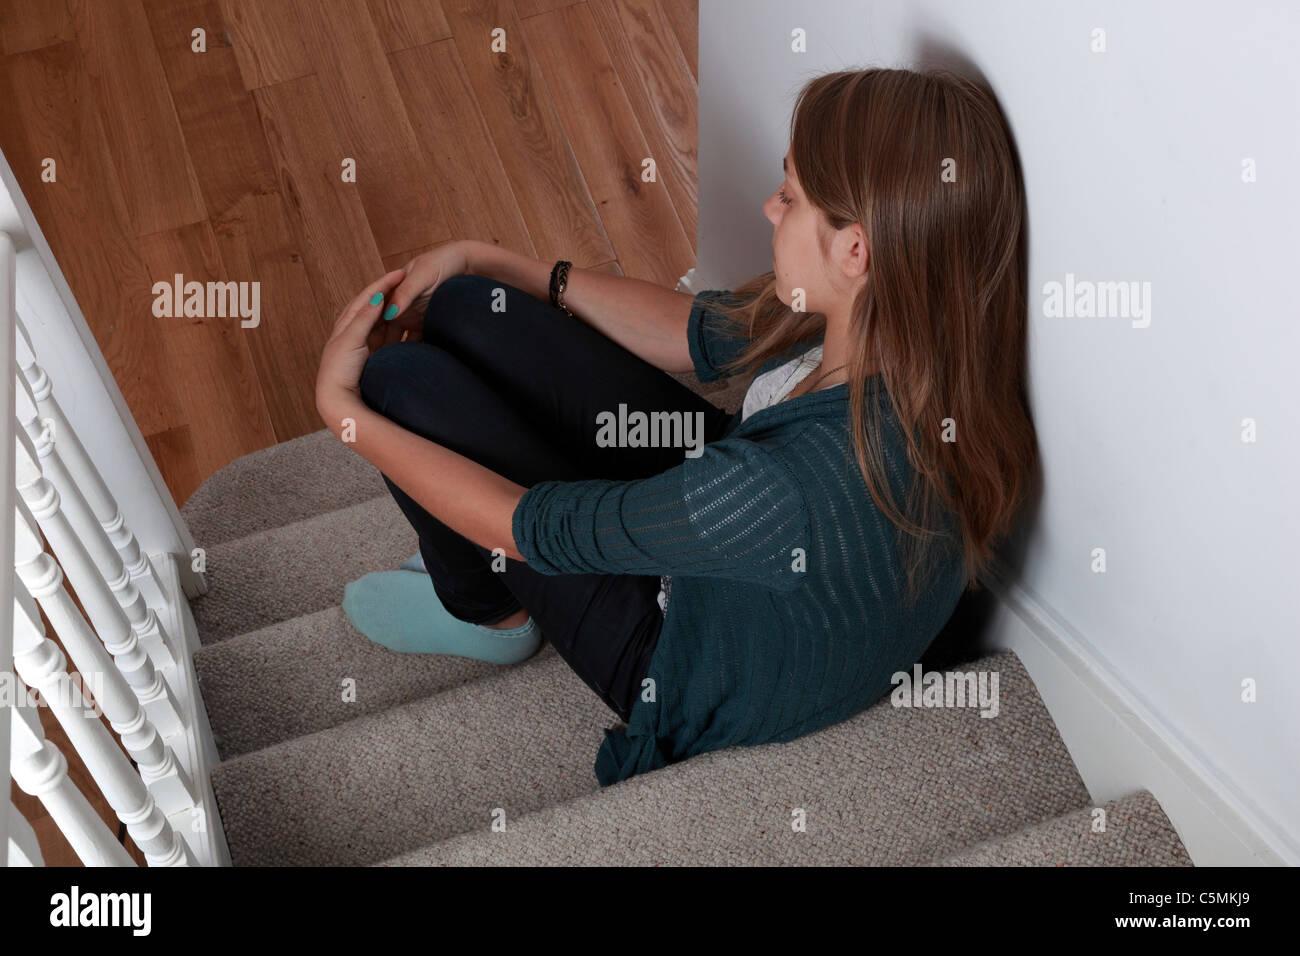 Junge Frauen auf Schritte sitzen allein, allein und suchen etwas traurig Foto de stock